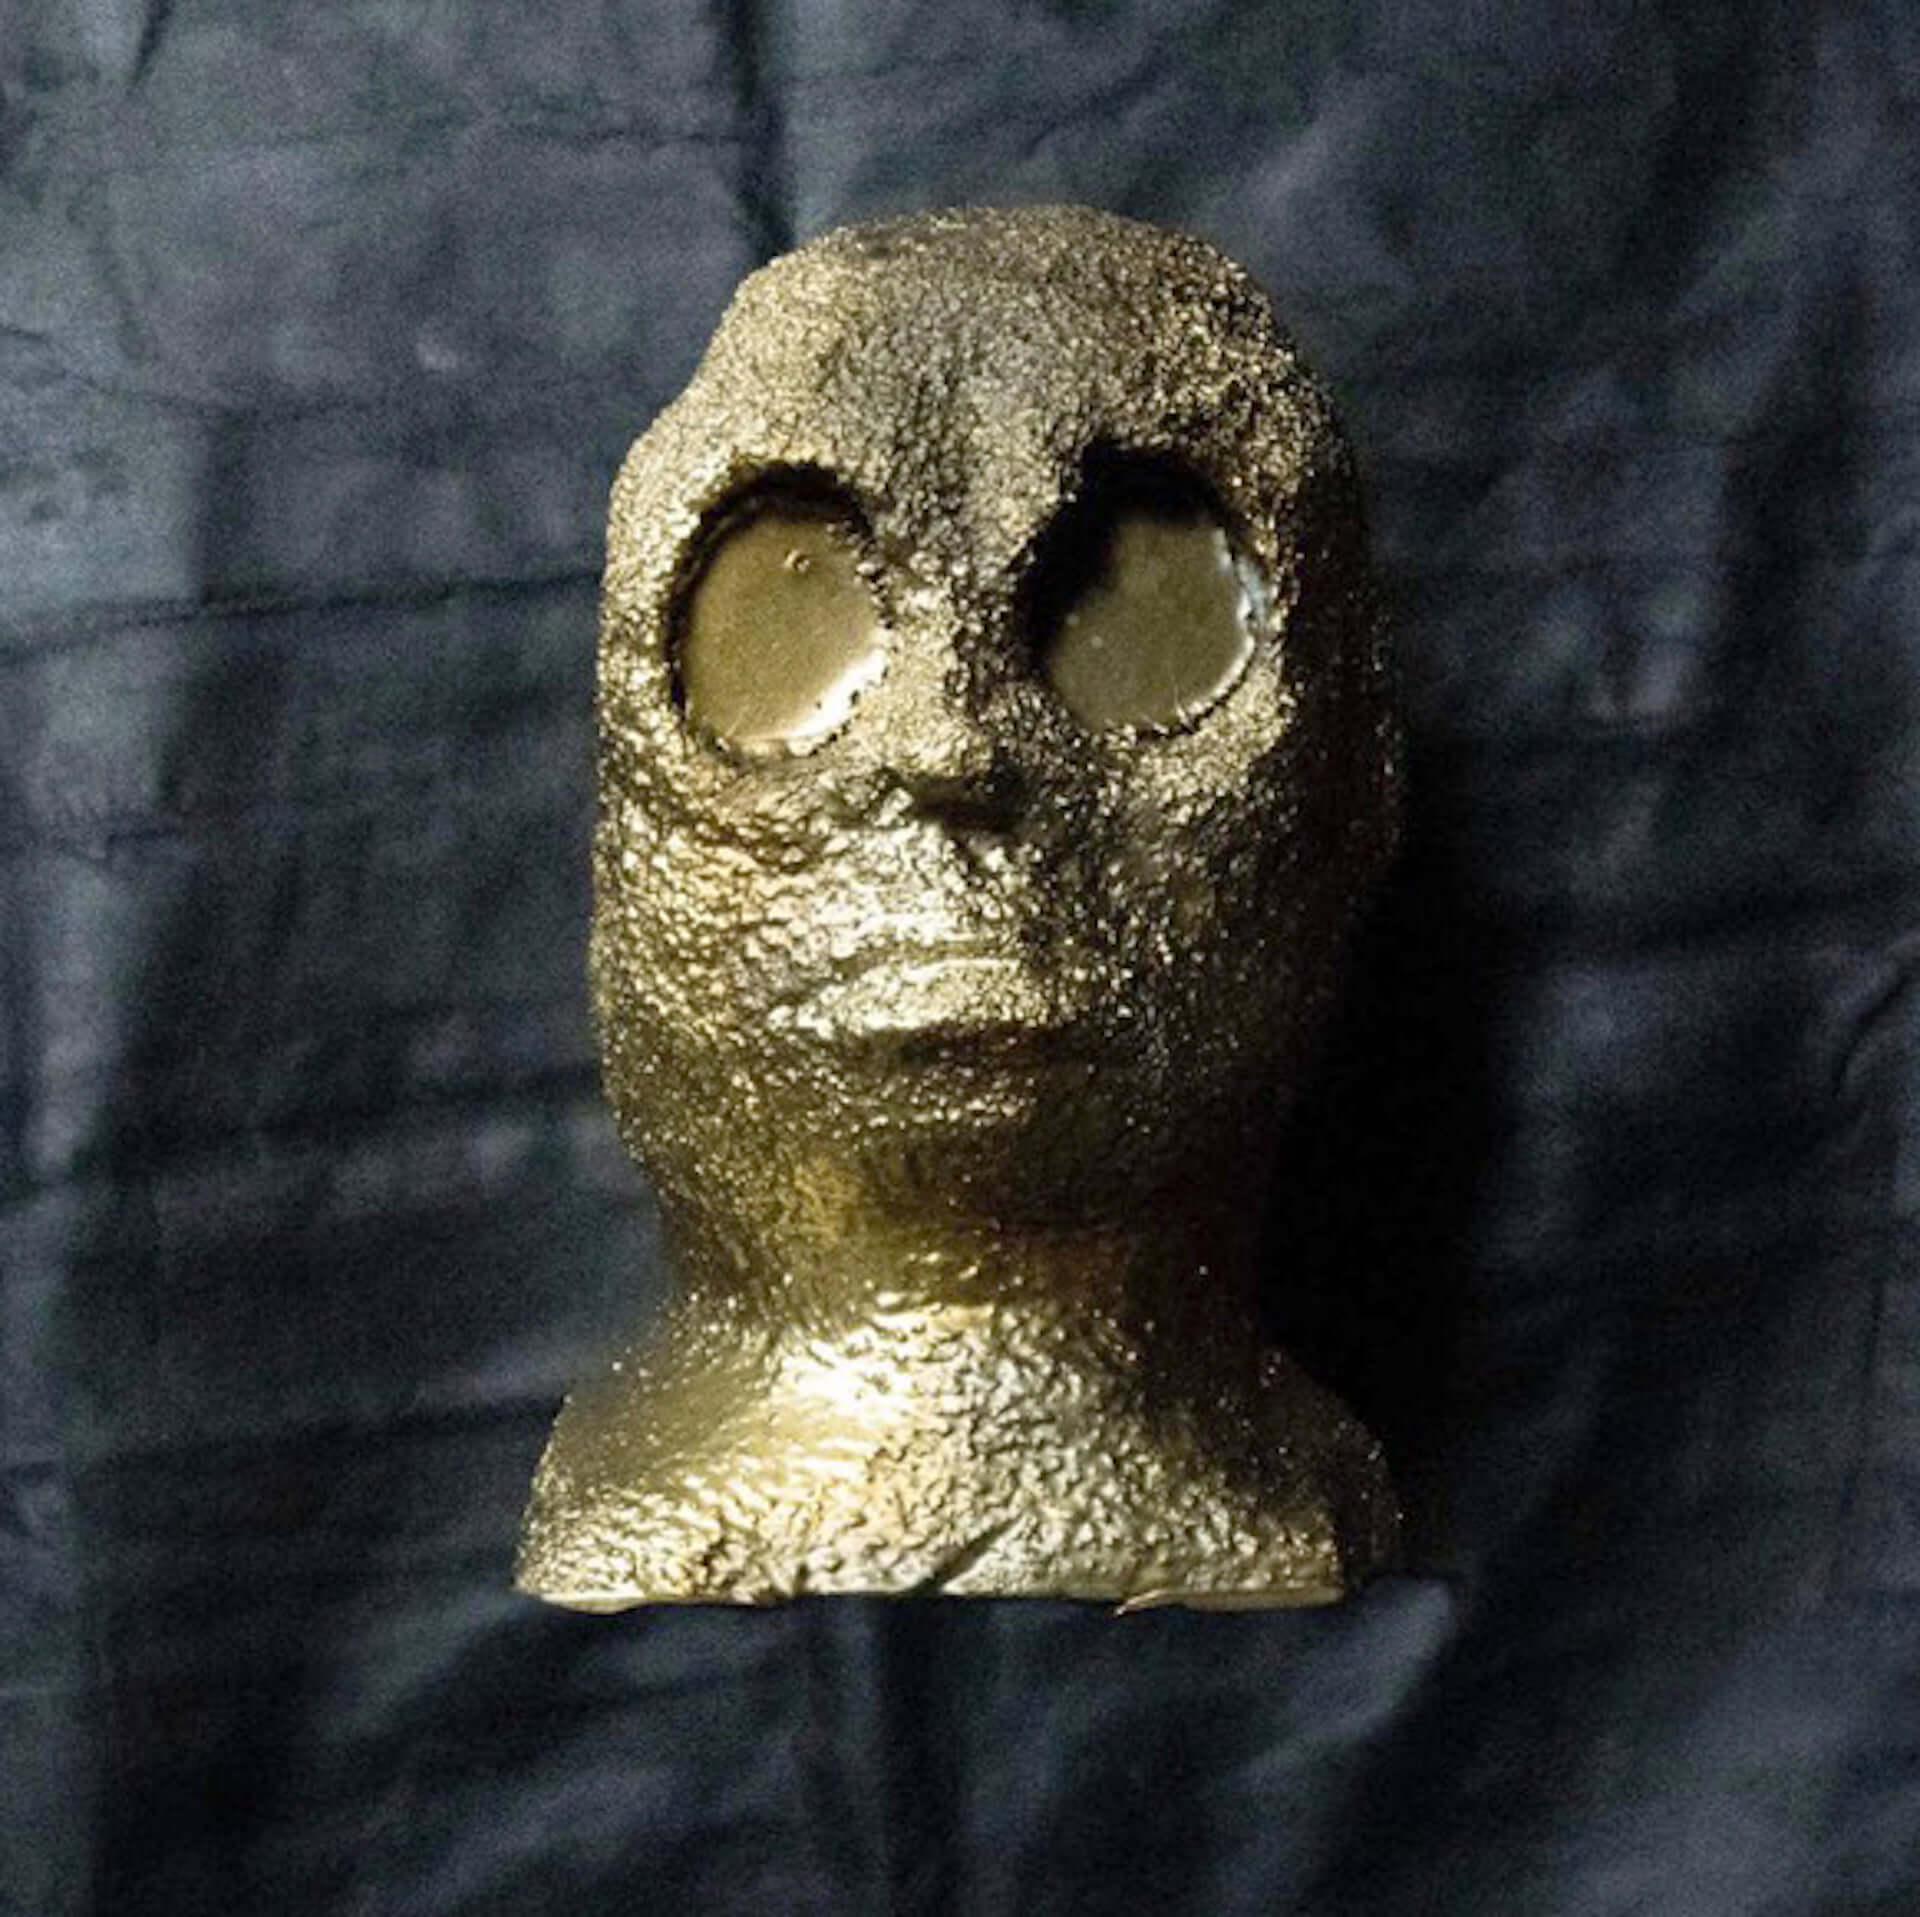 京都、奈良を拠点とする東慎也、米村優人の作品展<神の左手 悪魔の右手>が渋谷EUKARYOTEにて開催! art200722_eukaryote_1-1920x1917